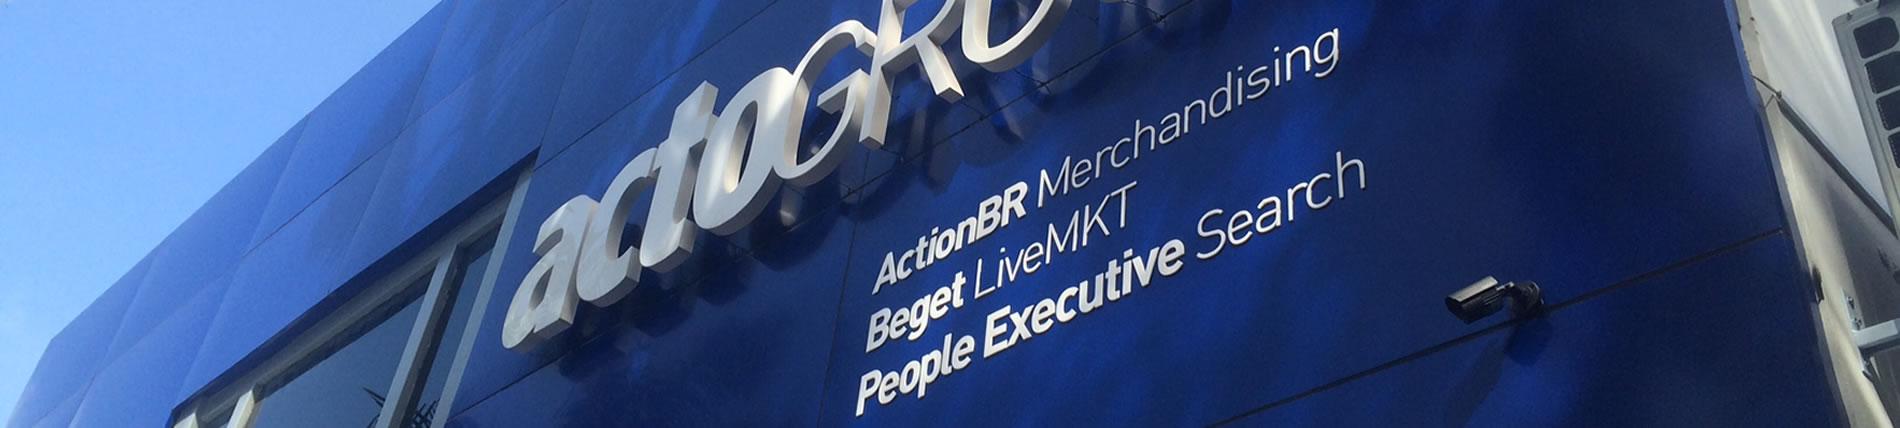 actogroup - logotipo letra caixa bloco com iluminação indireta em led e letras em acrílico recortado a laser